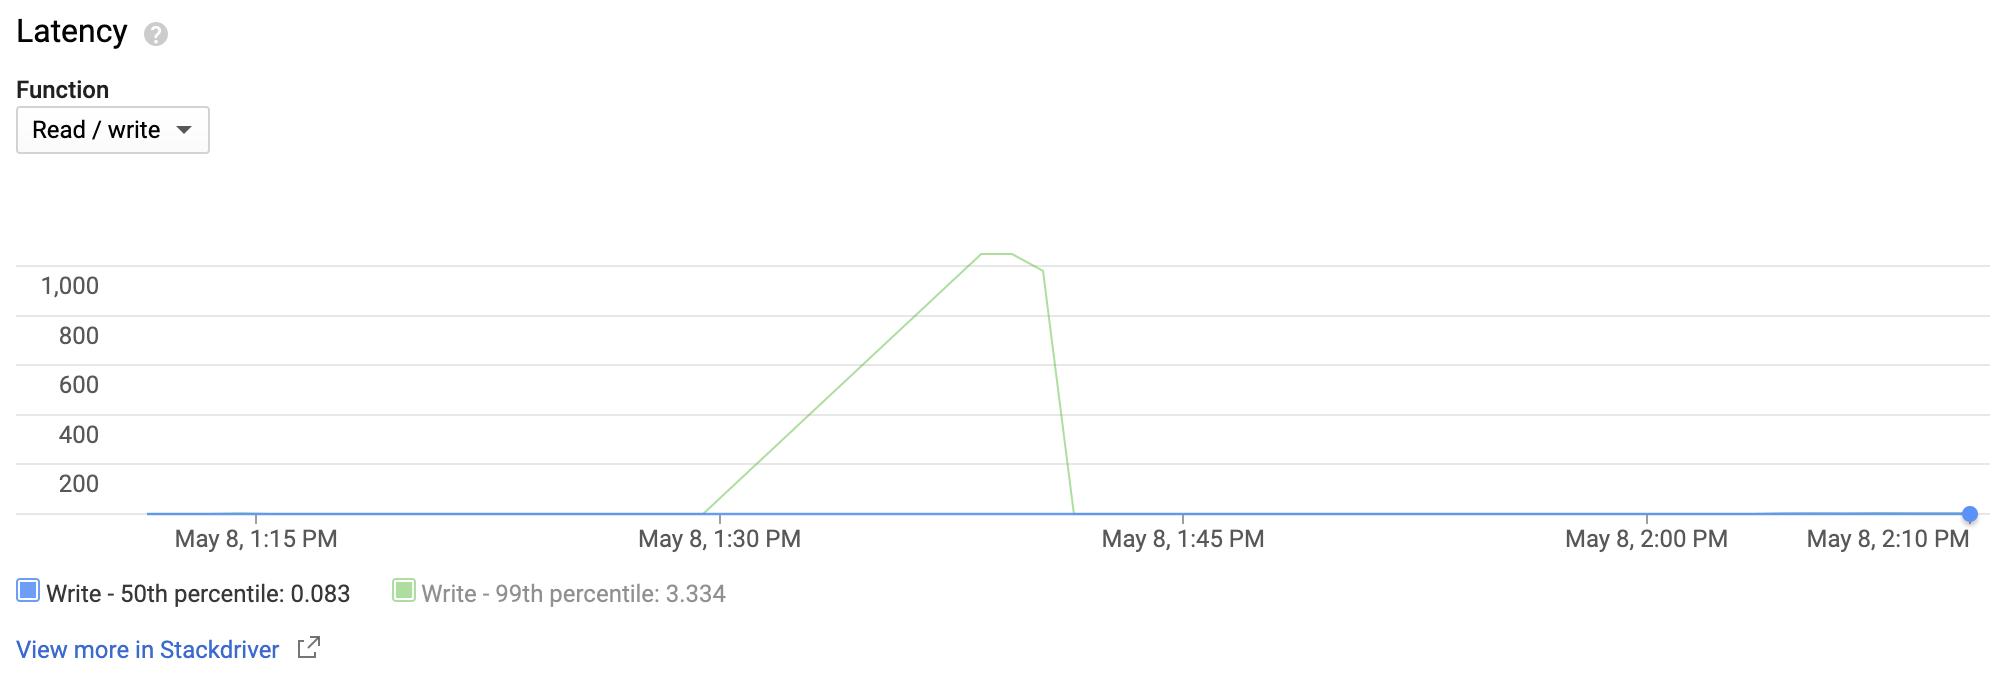 この折れ線グラフは、約 10 分間に書き込みレイテンシが急増したことを表しています。